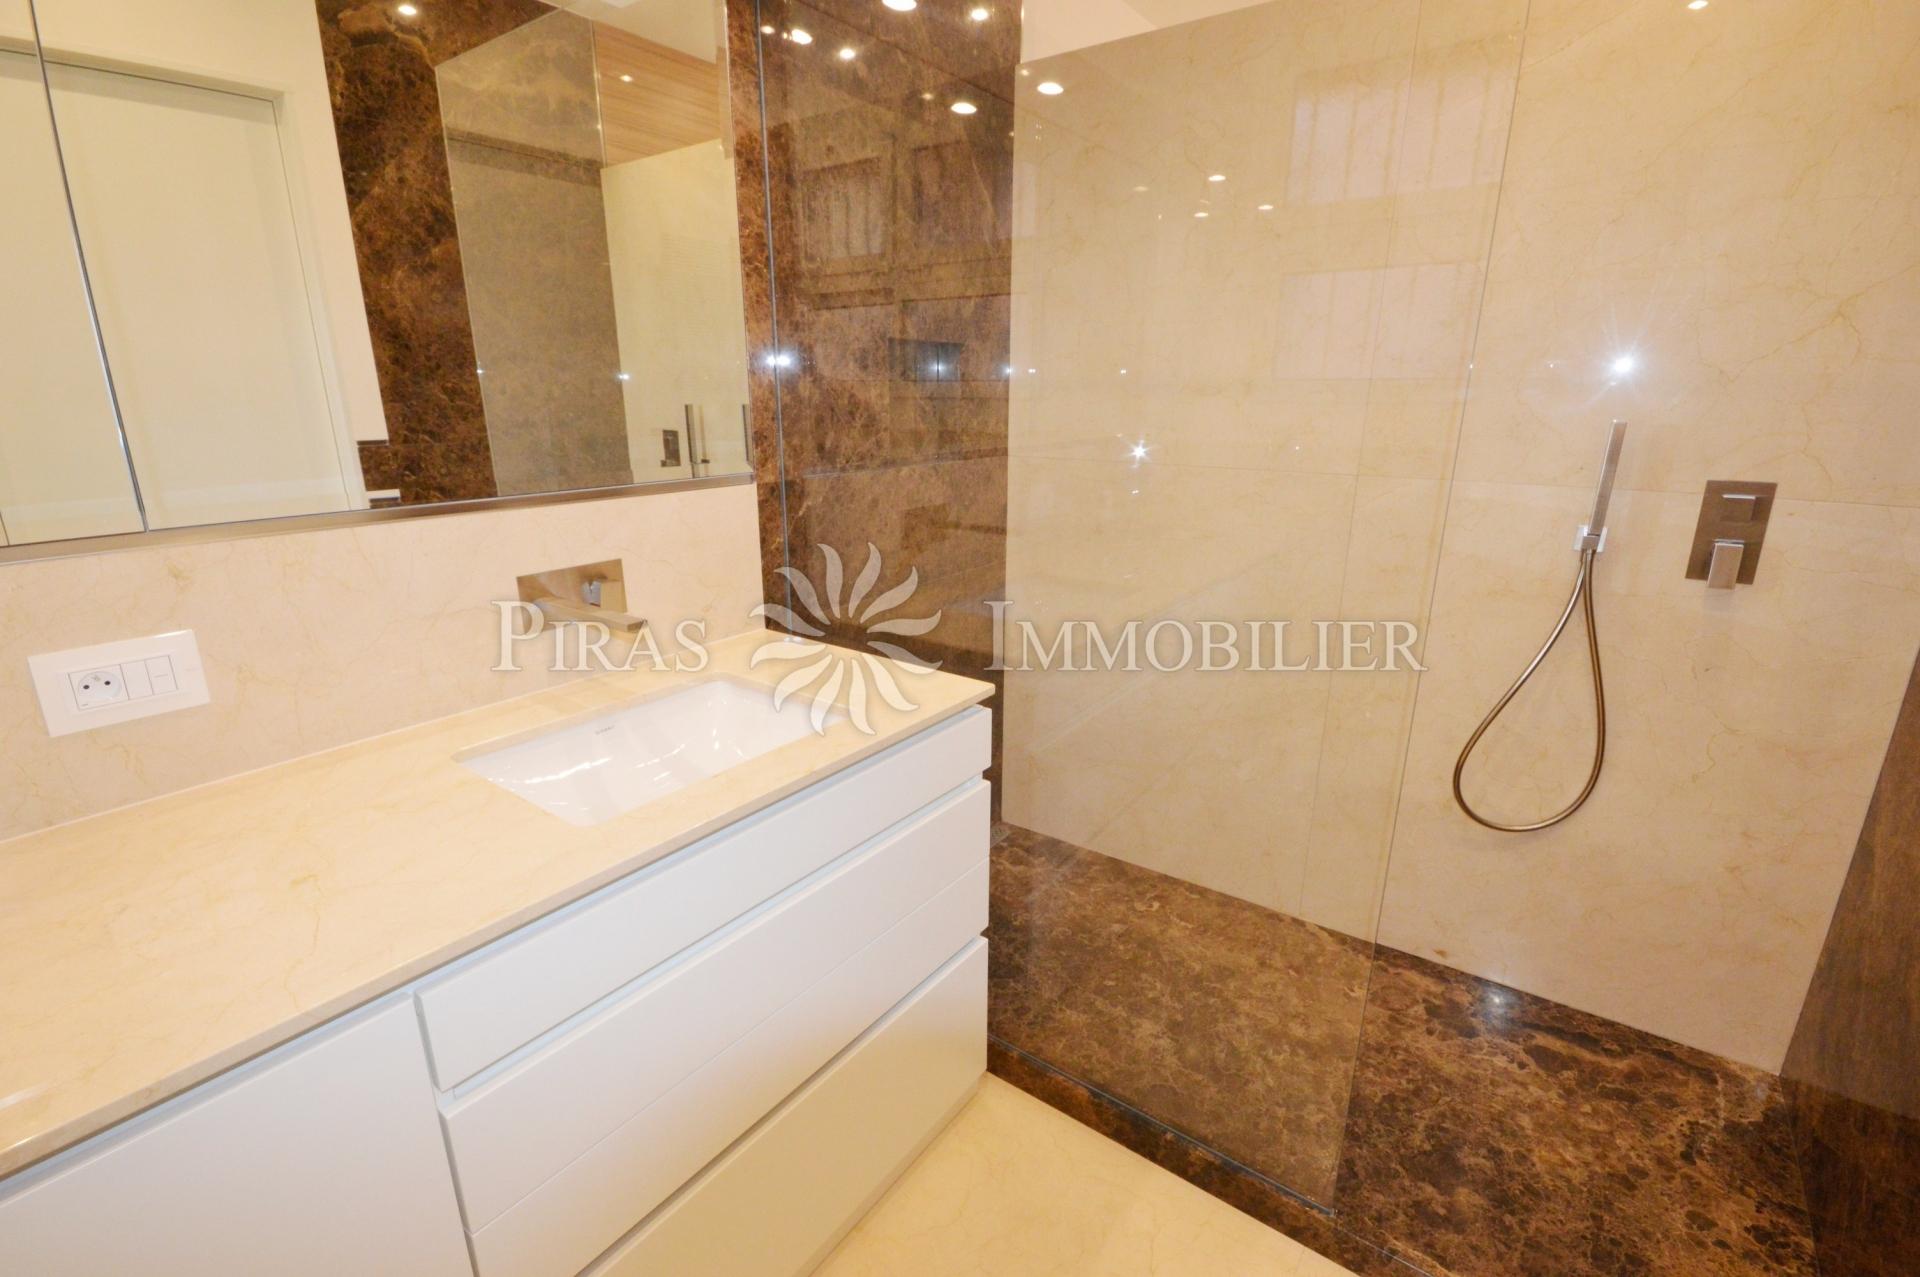 Monte Carlo House - Appartement 2 Pièces - Bureaux à vendre à Monaco